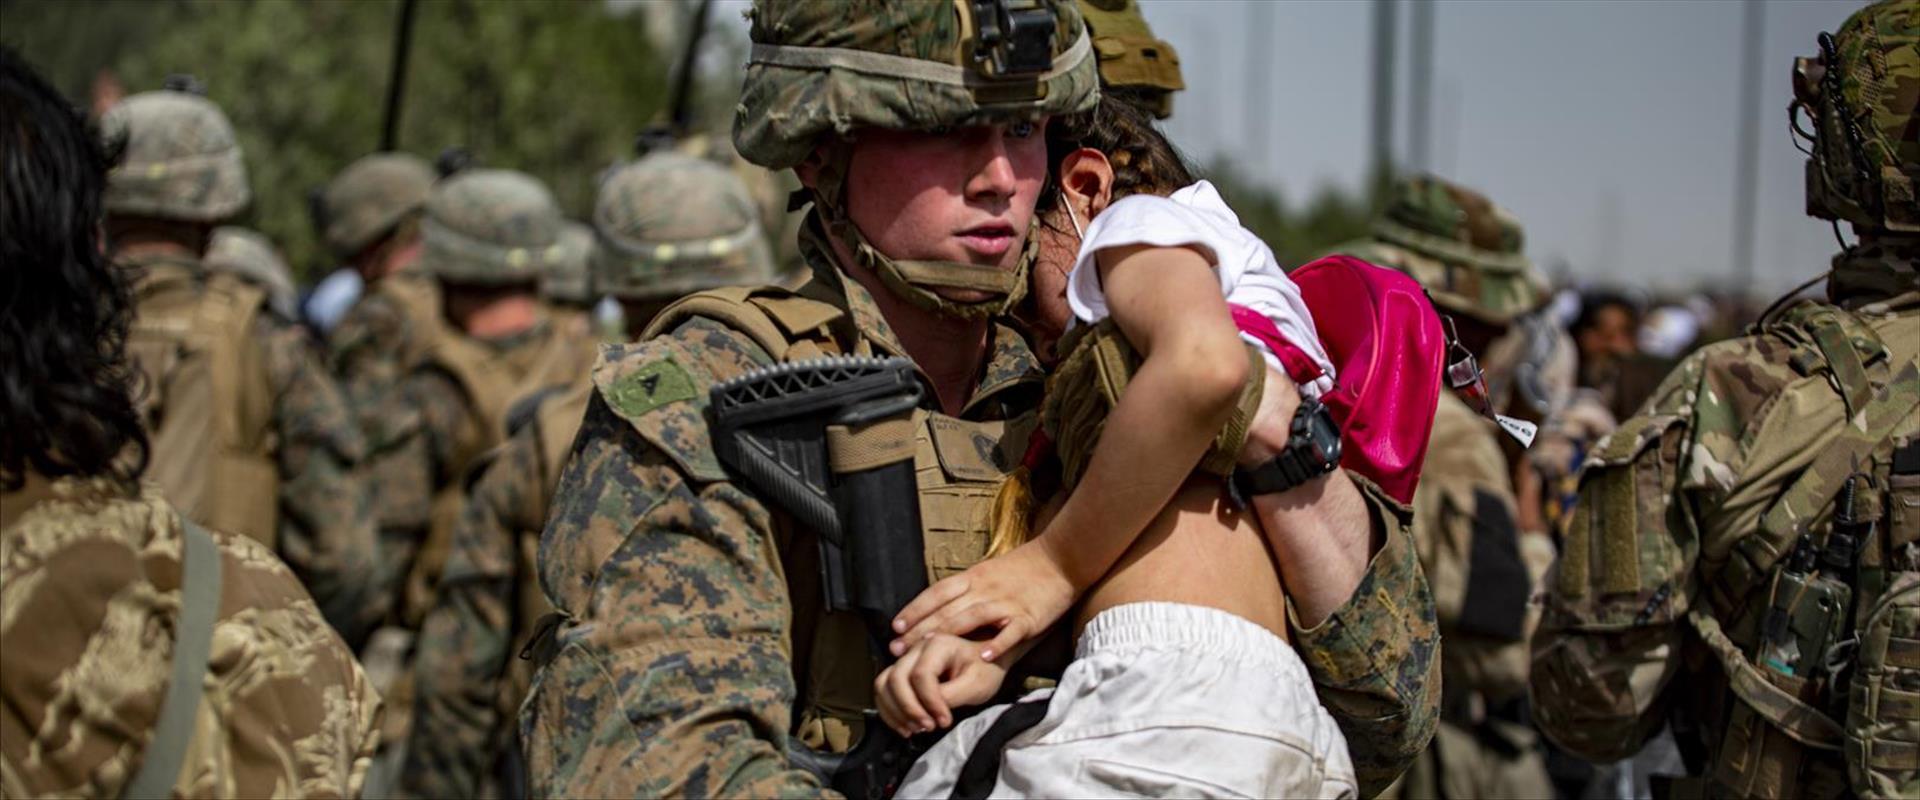 חיילים אמריקנים באפגניסטאן